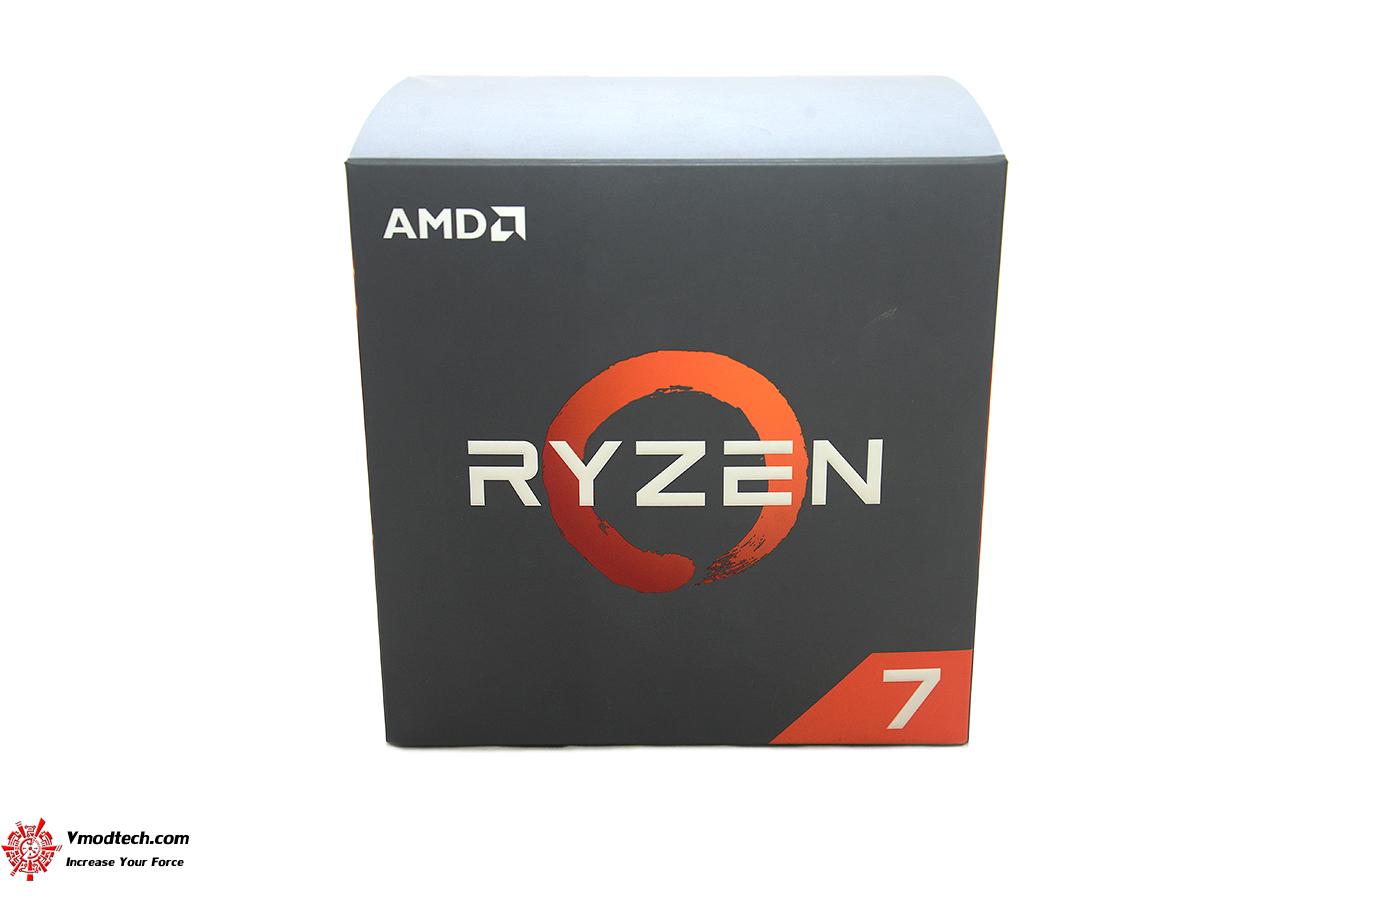 dsc 1775 AMD RYZEN 7 2700X PROCESSOR REVIEW